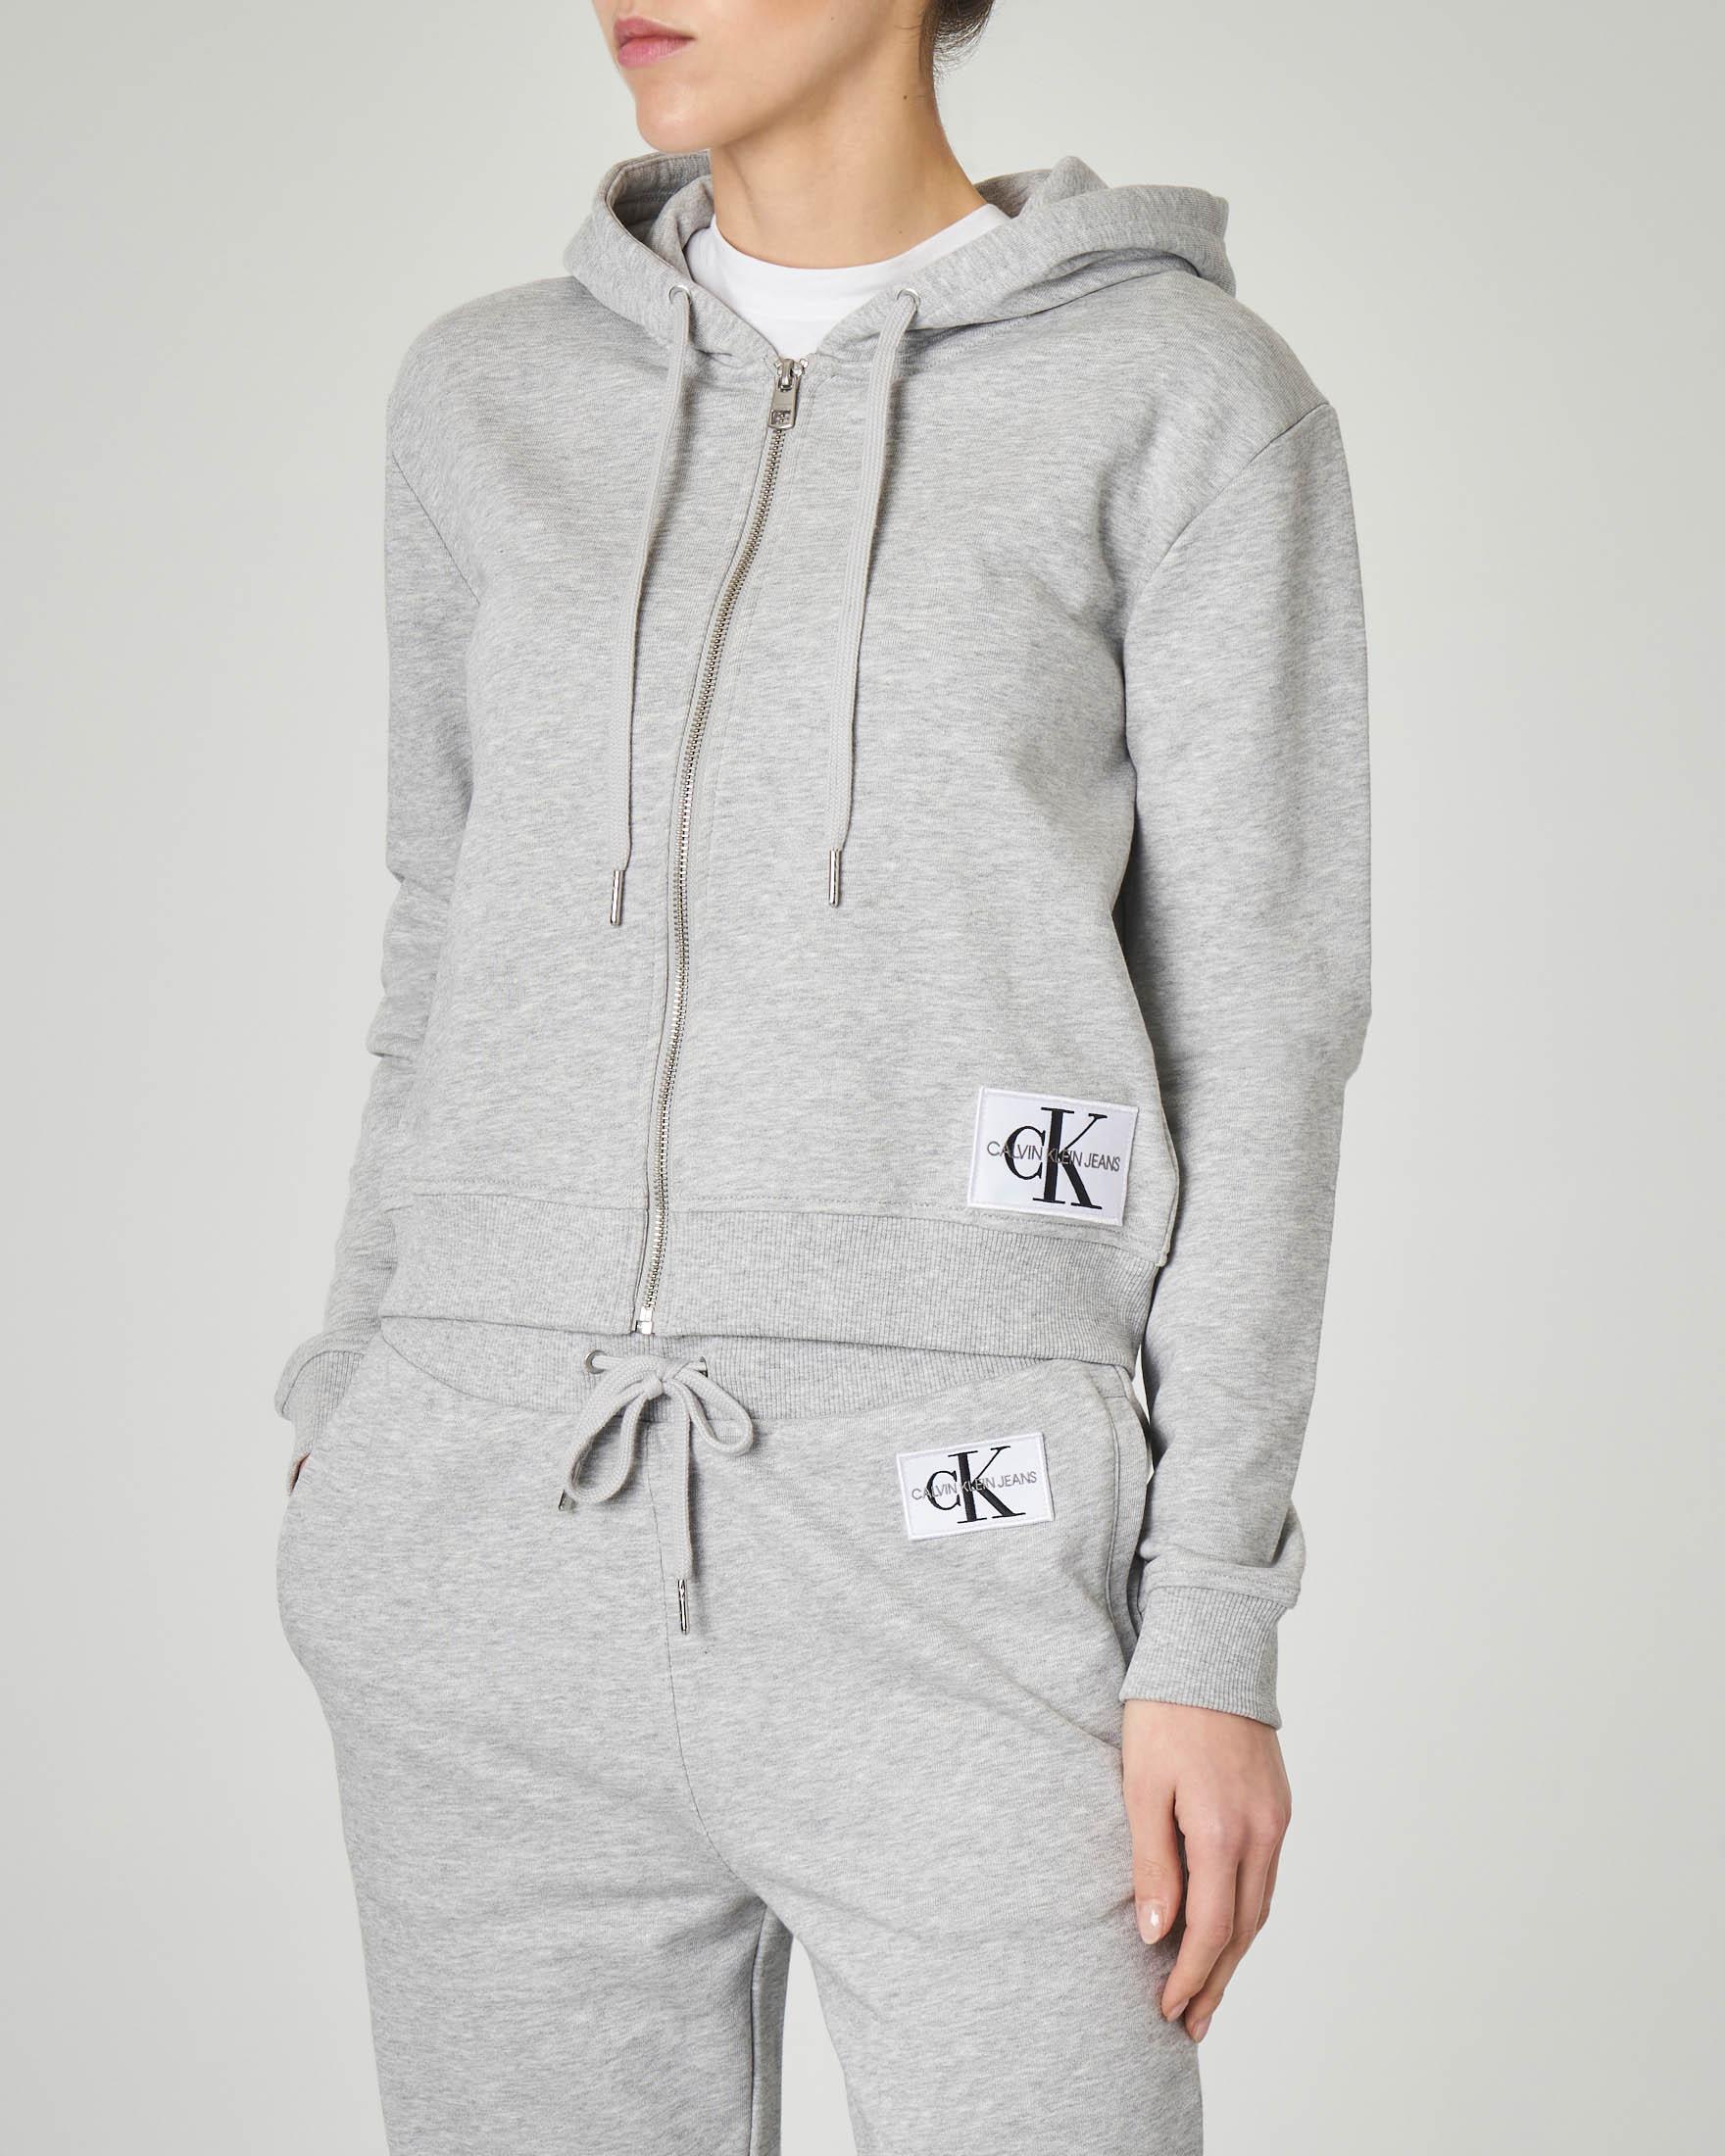 Felpa grigia in jersey di cotone con cappuccio e patch logo